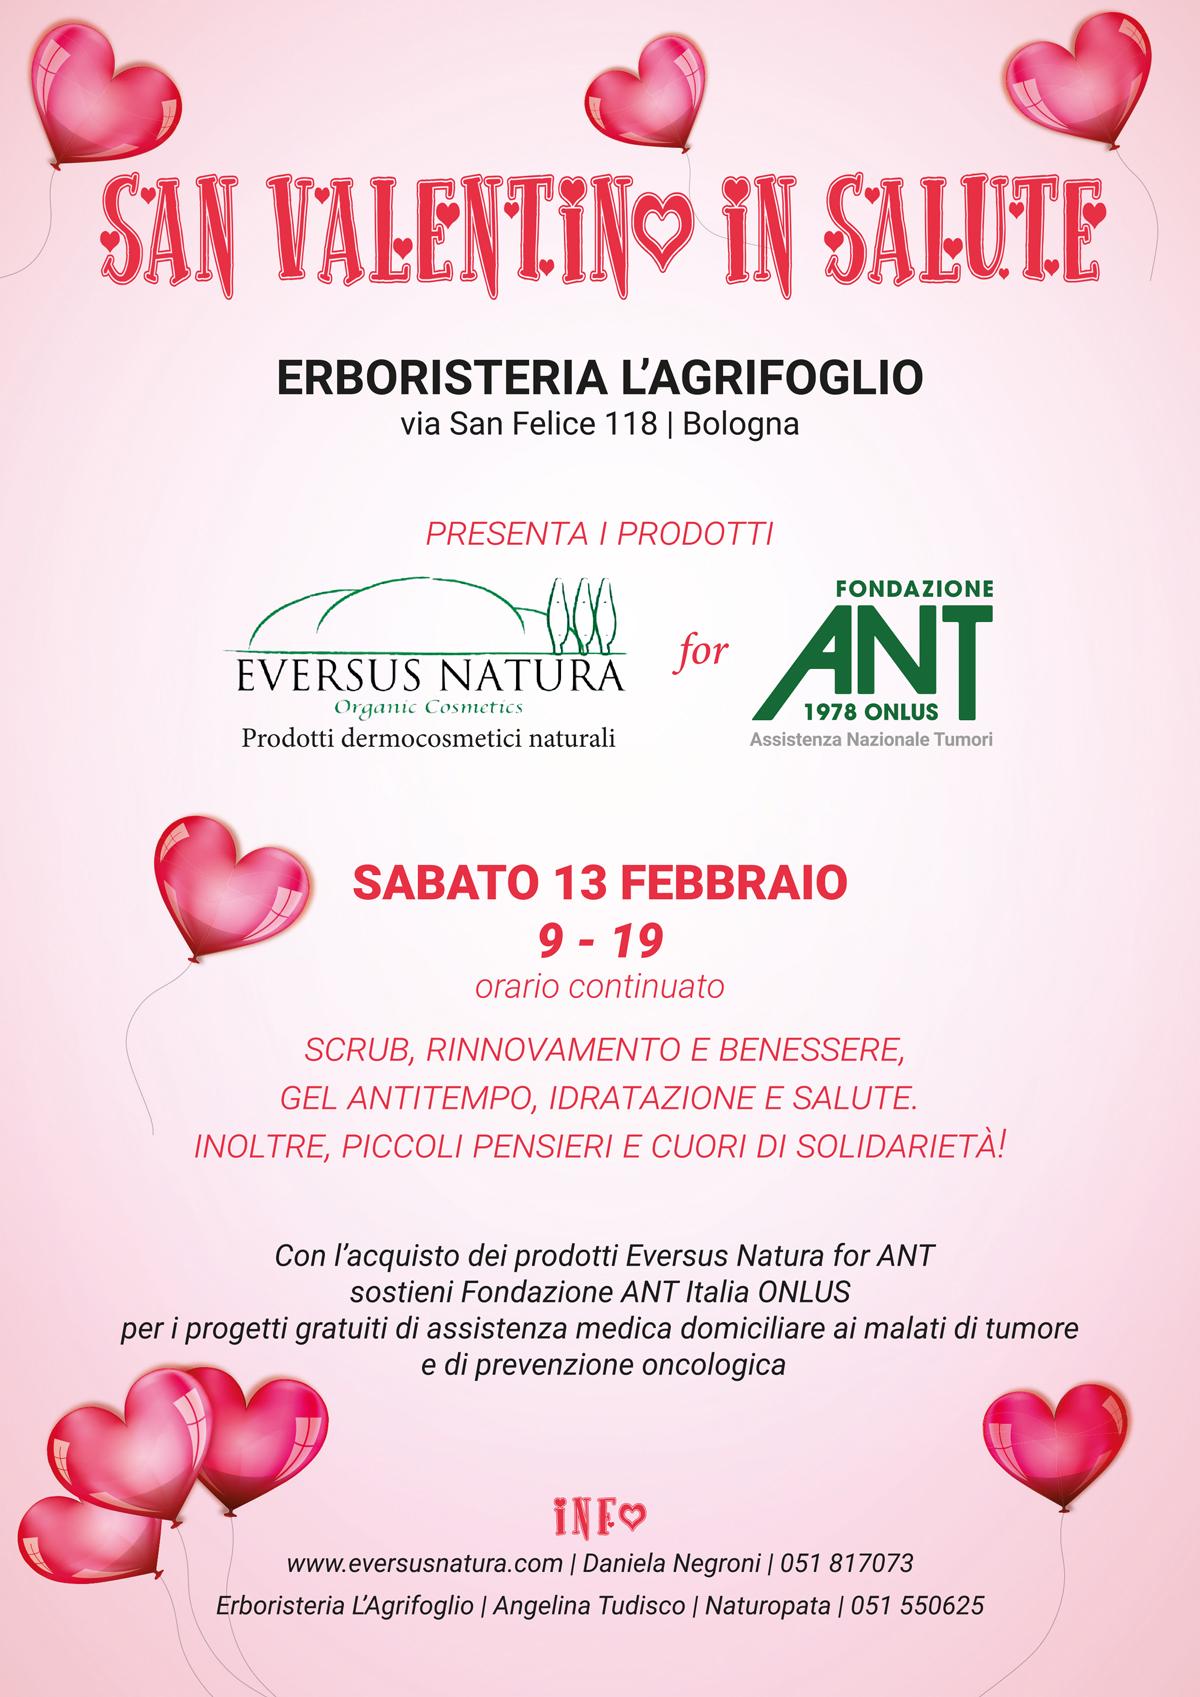 San valentino in salute fondazione ant italia onlus for San valentino in italia